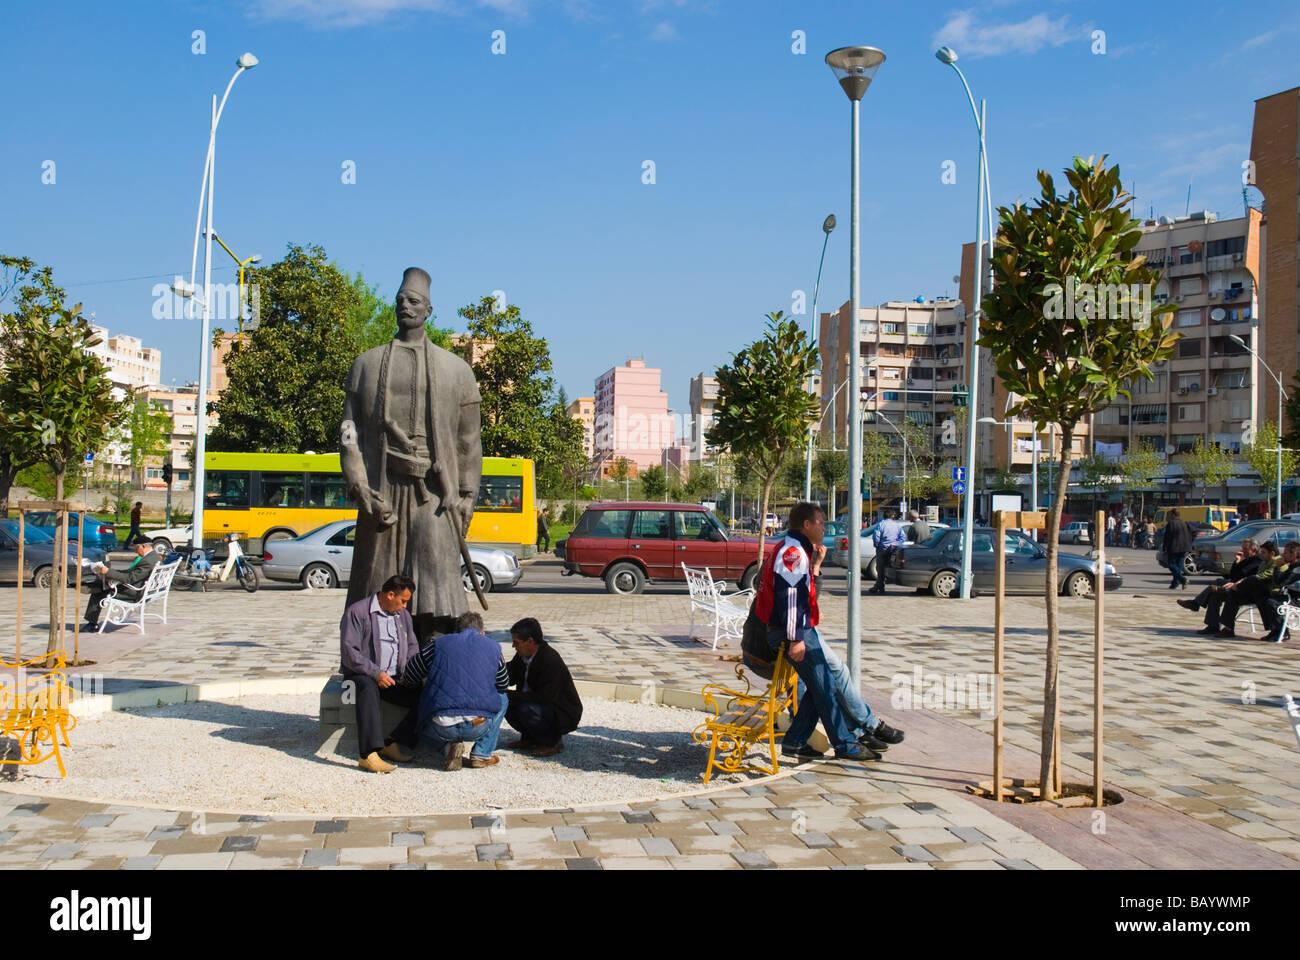 Central Tirana Albania Europe - Stock Image